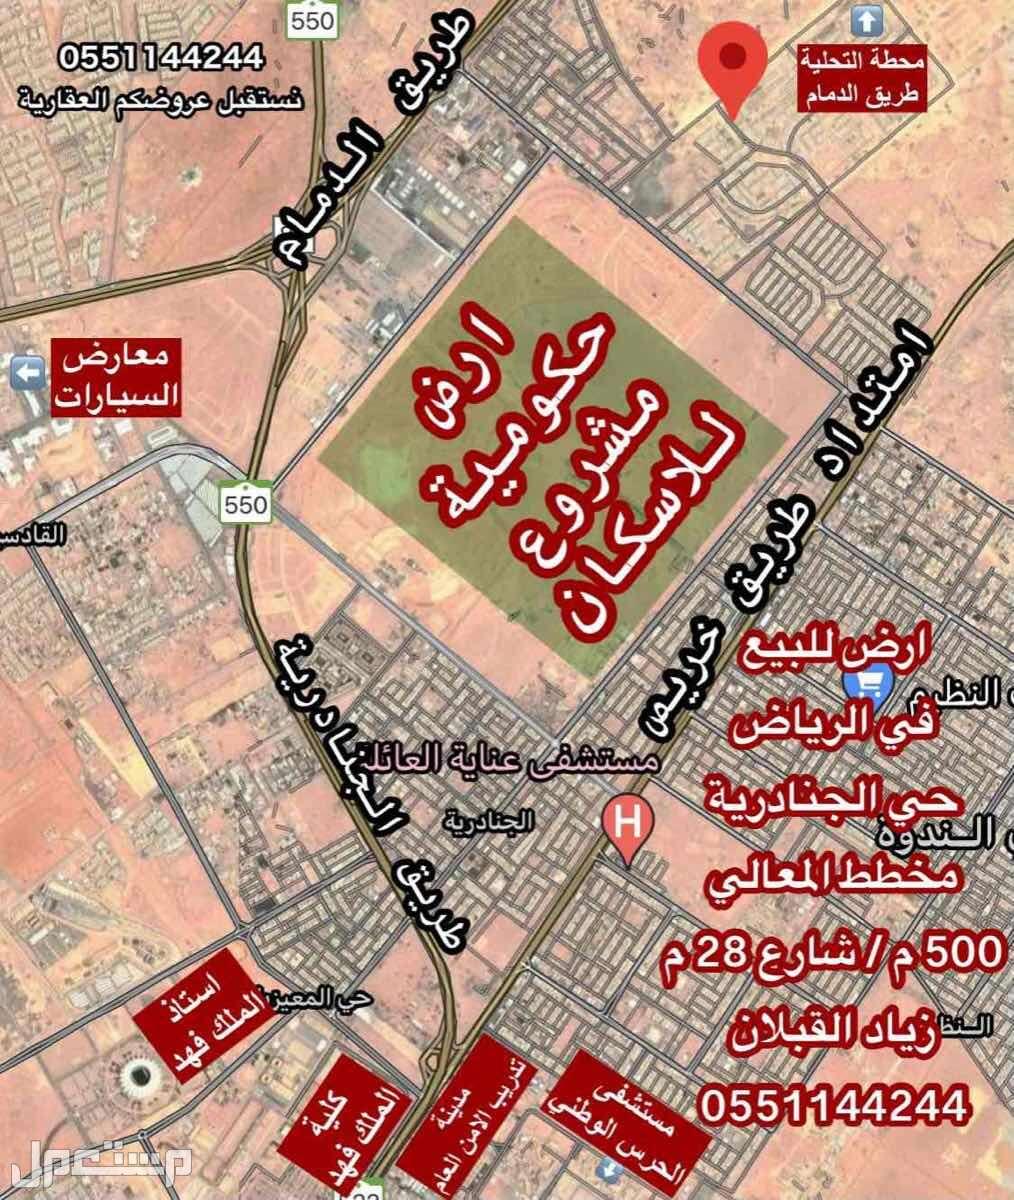 للبيع ارض سكنية في الرياض حي الجنادرية مخطط المعالي 500 م شارع 28 مباشر